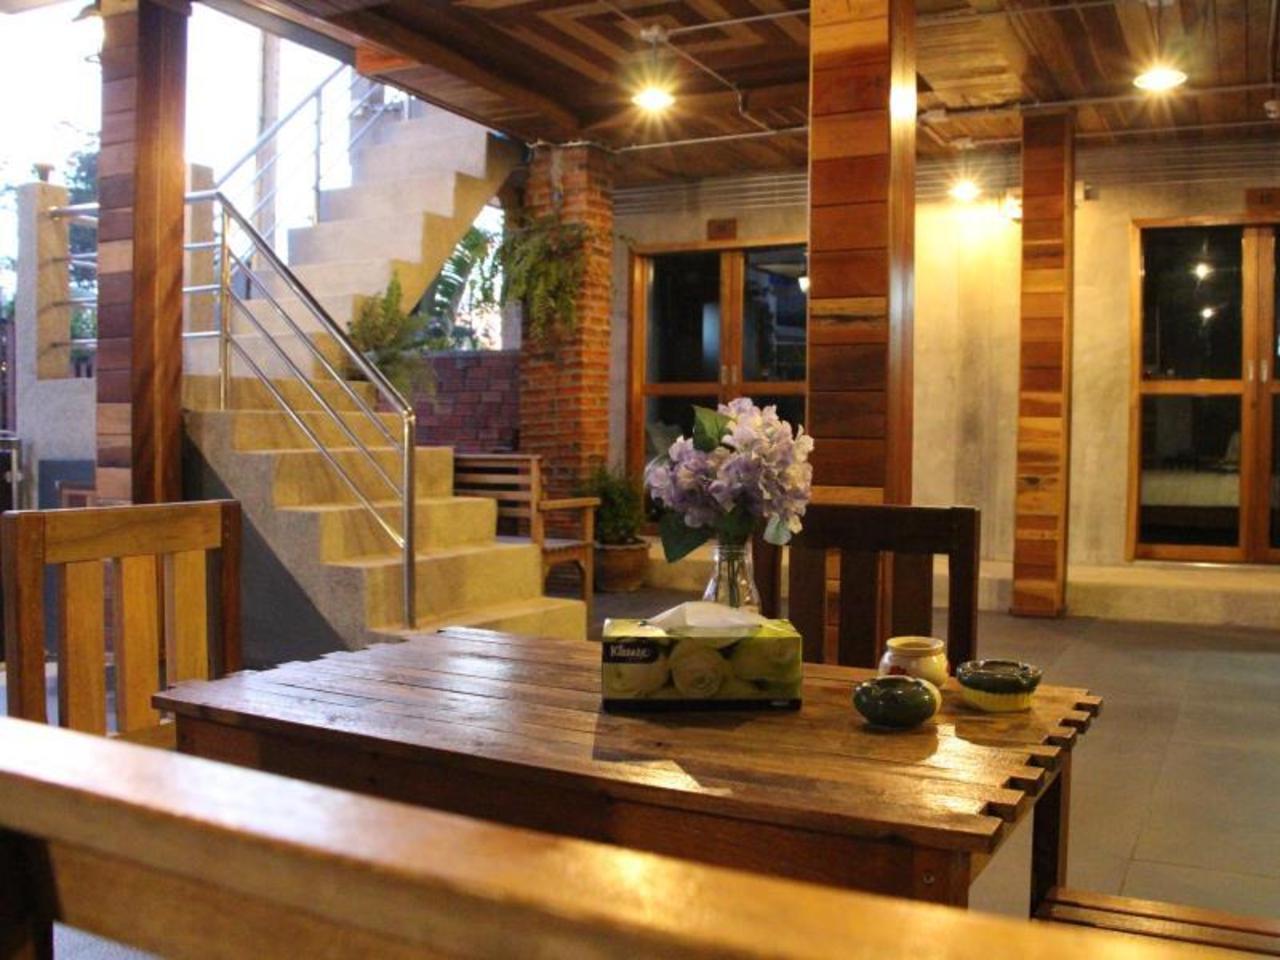 เดอะ น้อย เกสต์เฮาส์ แอนด์ เรสเทอรองต์ (The Noi Guesthouse and Restaurant)